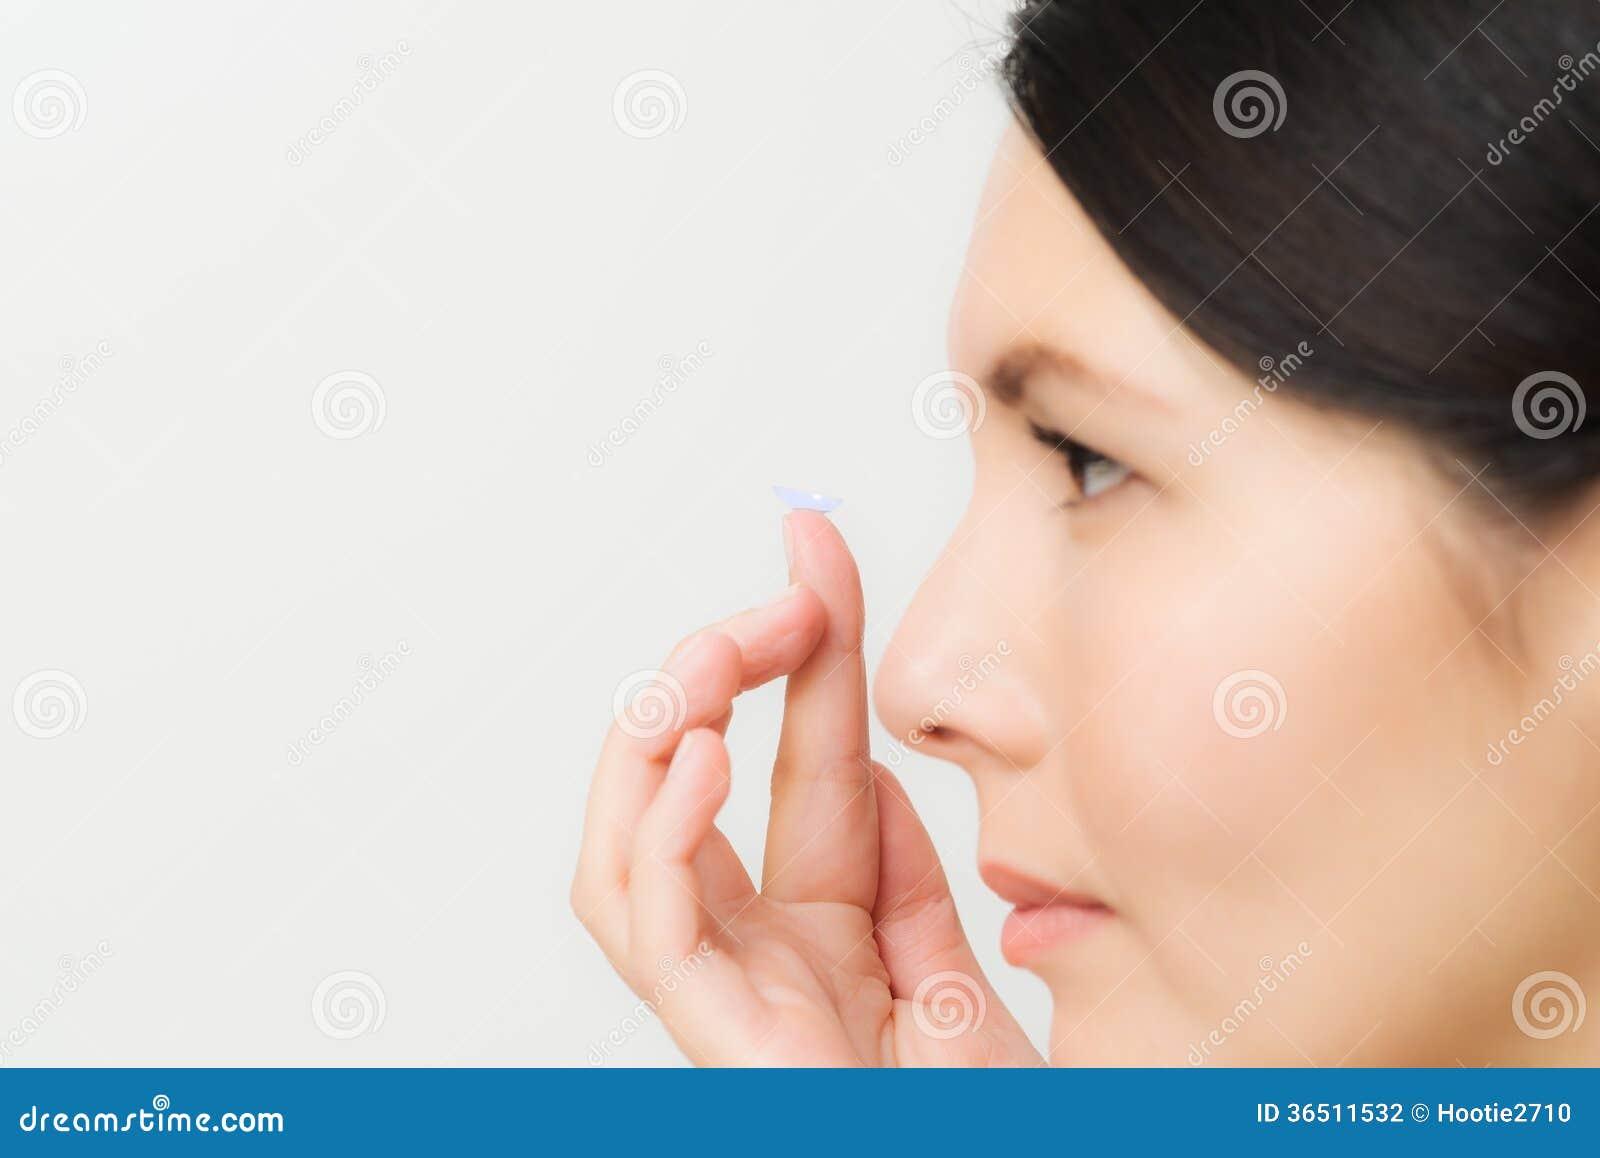 Vrouw ongeveer om een contactlens in haar oog te plaatsen